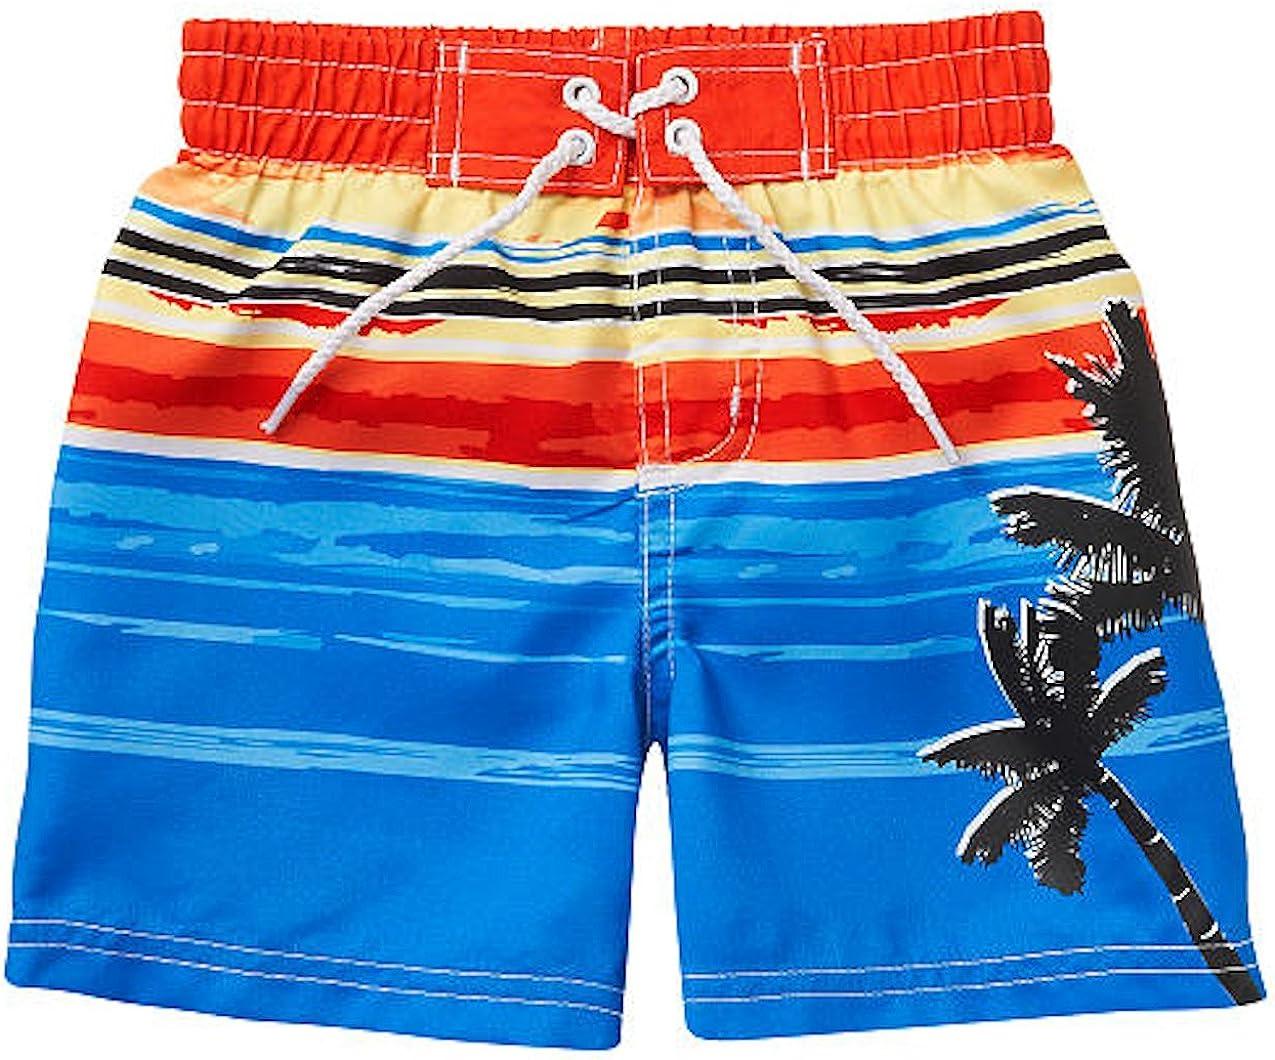 Palms Size 2T Navy OshKosh BGosh Little Boys Bathing Swim Trunks